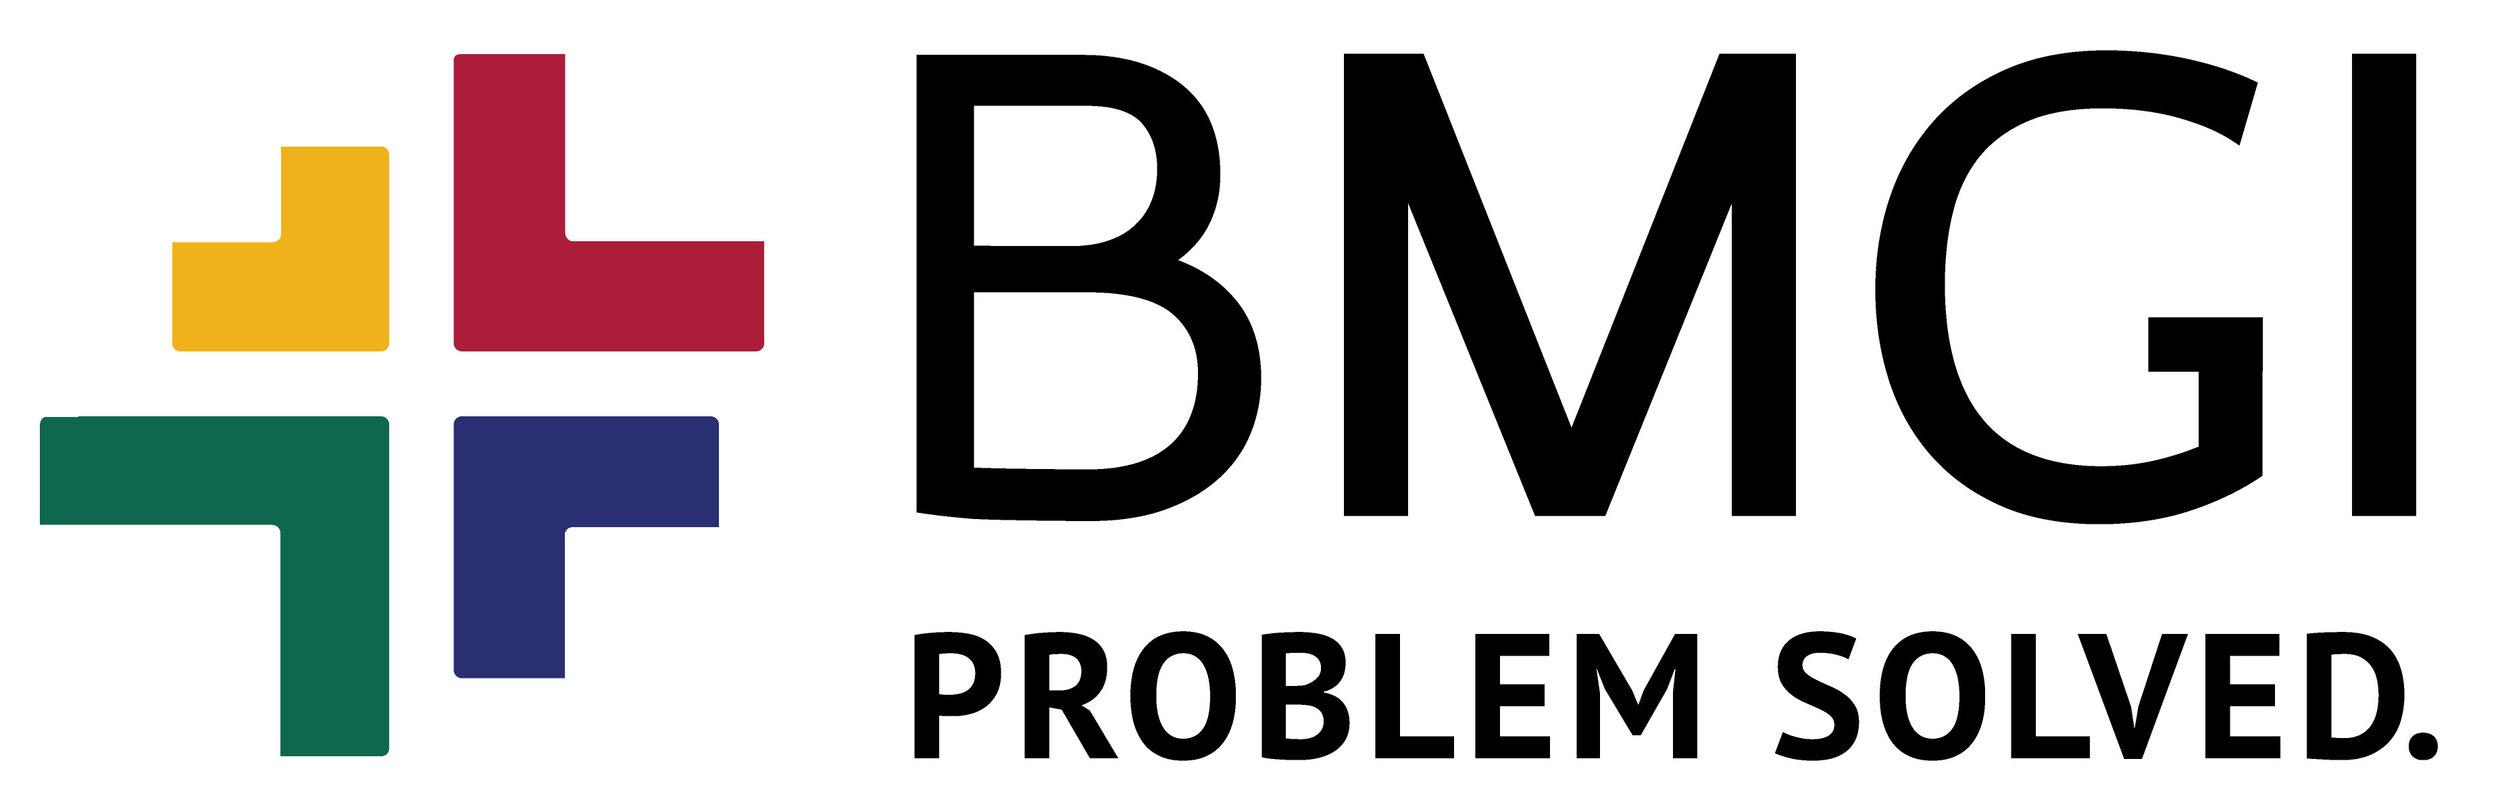 1903-bmgi-logo_2015-bmgi.jpg